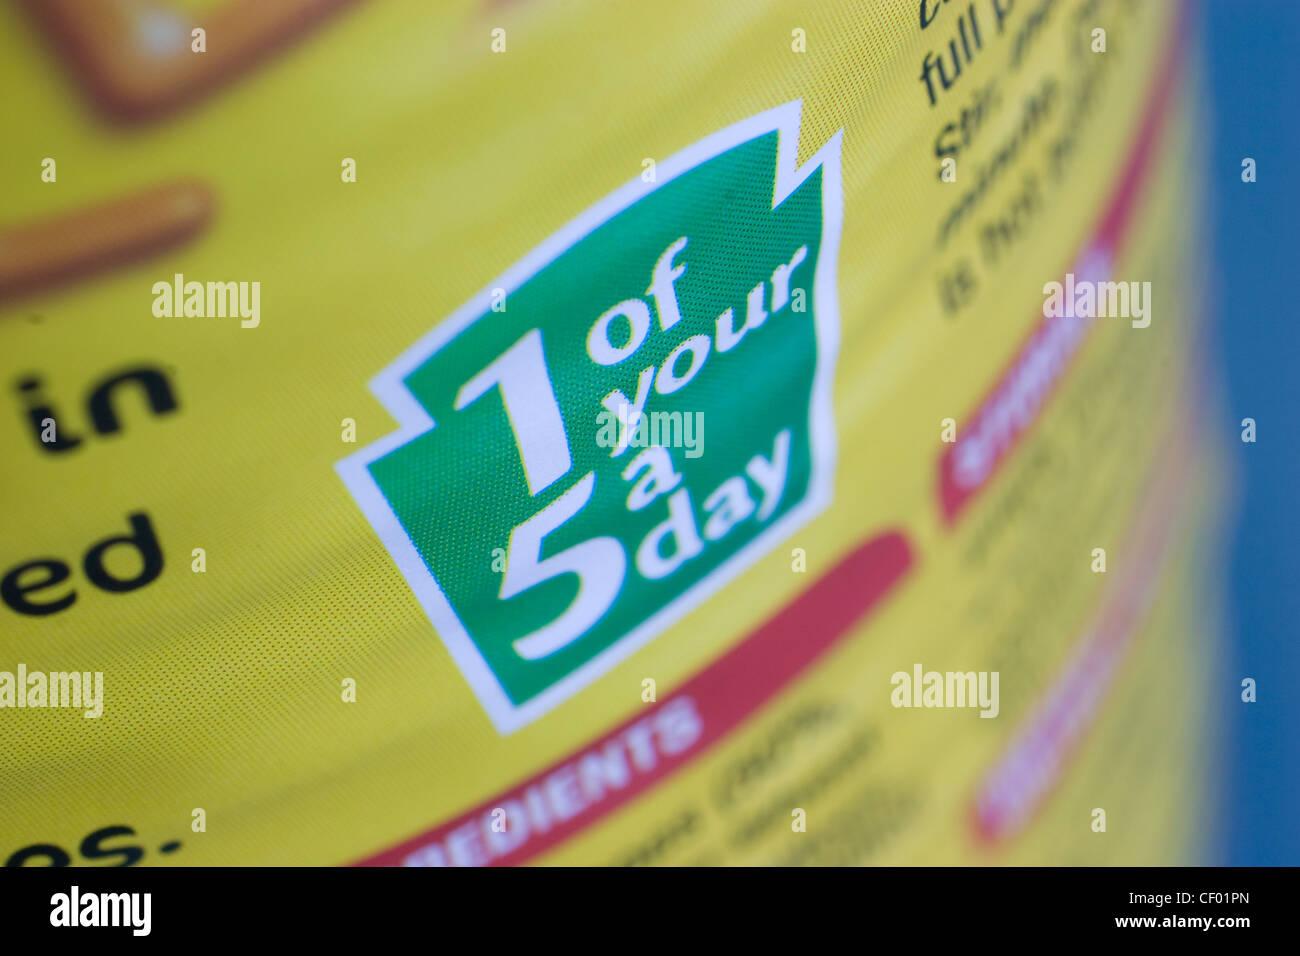 Directrices para la dieta diaria reino unido uno de sus cinco al día 1 de sus 5 Un día, nutrición Imagen De Stock